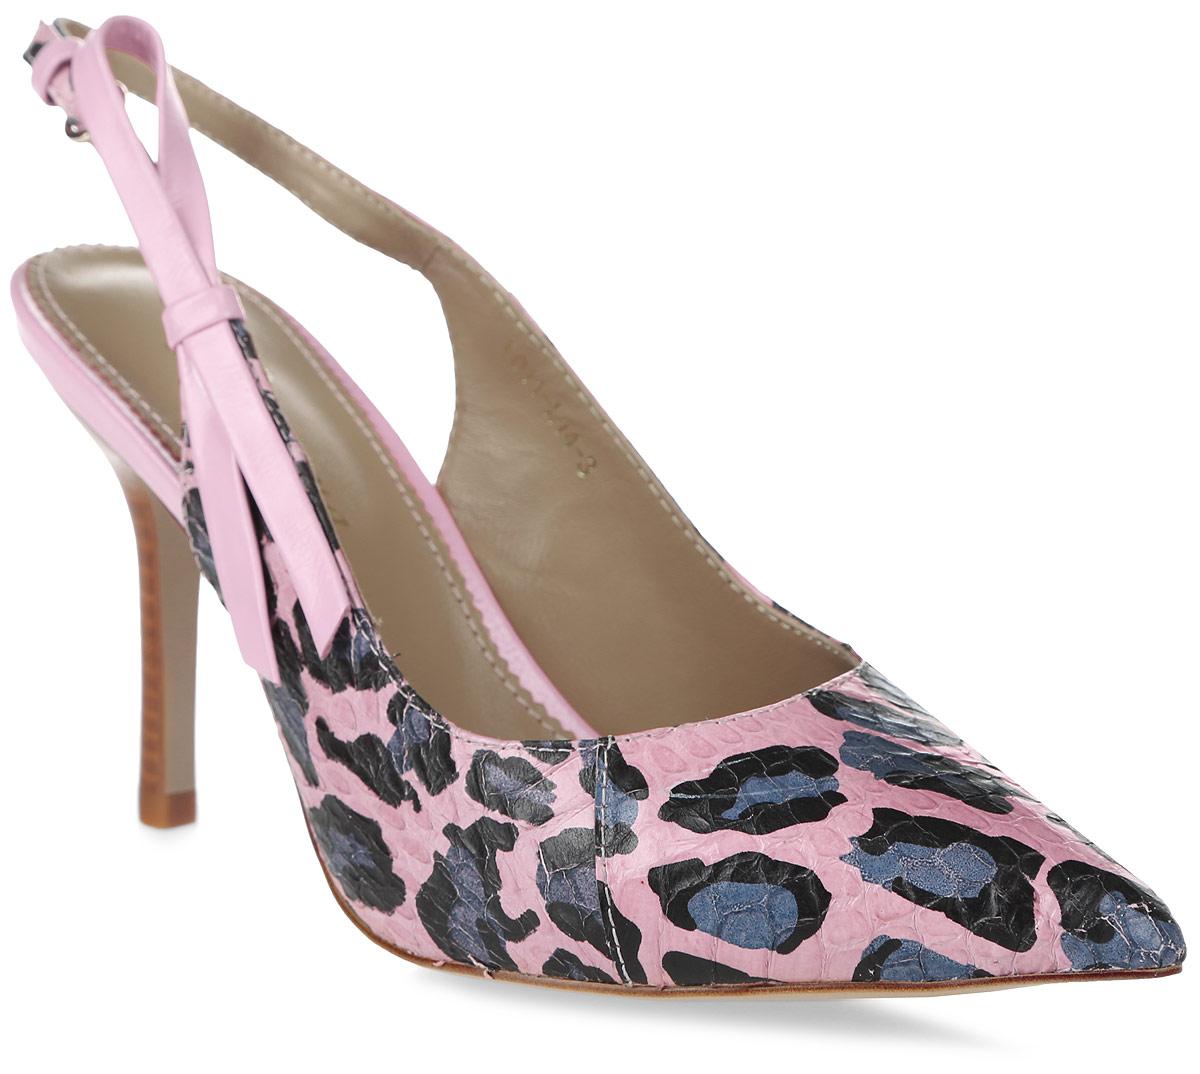 Туфли женские Graciana, цвет: розовый. L011-L14-3. Размер 35L011-L14-3Женские туфли от Graciana с открытой пяткой на шпильке выполнены из натуральной замши. Модель фиксируется на ноге при помощи ремешка на пряжке. Подкладка, изготовленная из натуральной кожи, обладает хорошей влаговпитываемостью и естественной воздухопроницаемостью. Стелька из натуральной кожи гарантирует комфорт и удобство стопам. Подошва из резины обеспечивает хорошую амортизацию и сцепление с любой поверхностью.